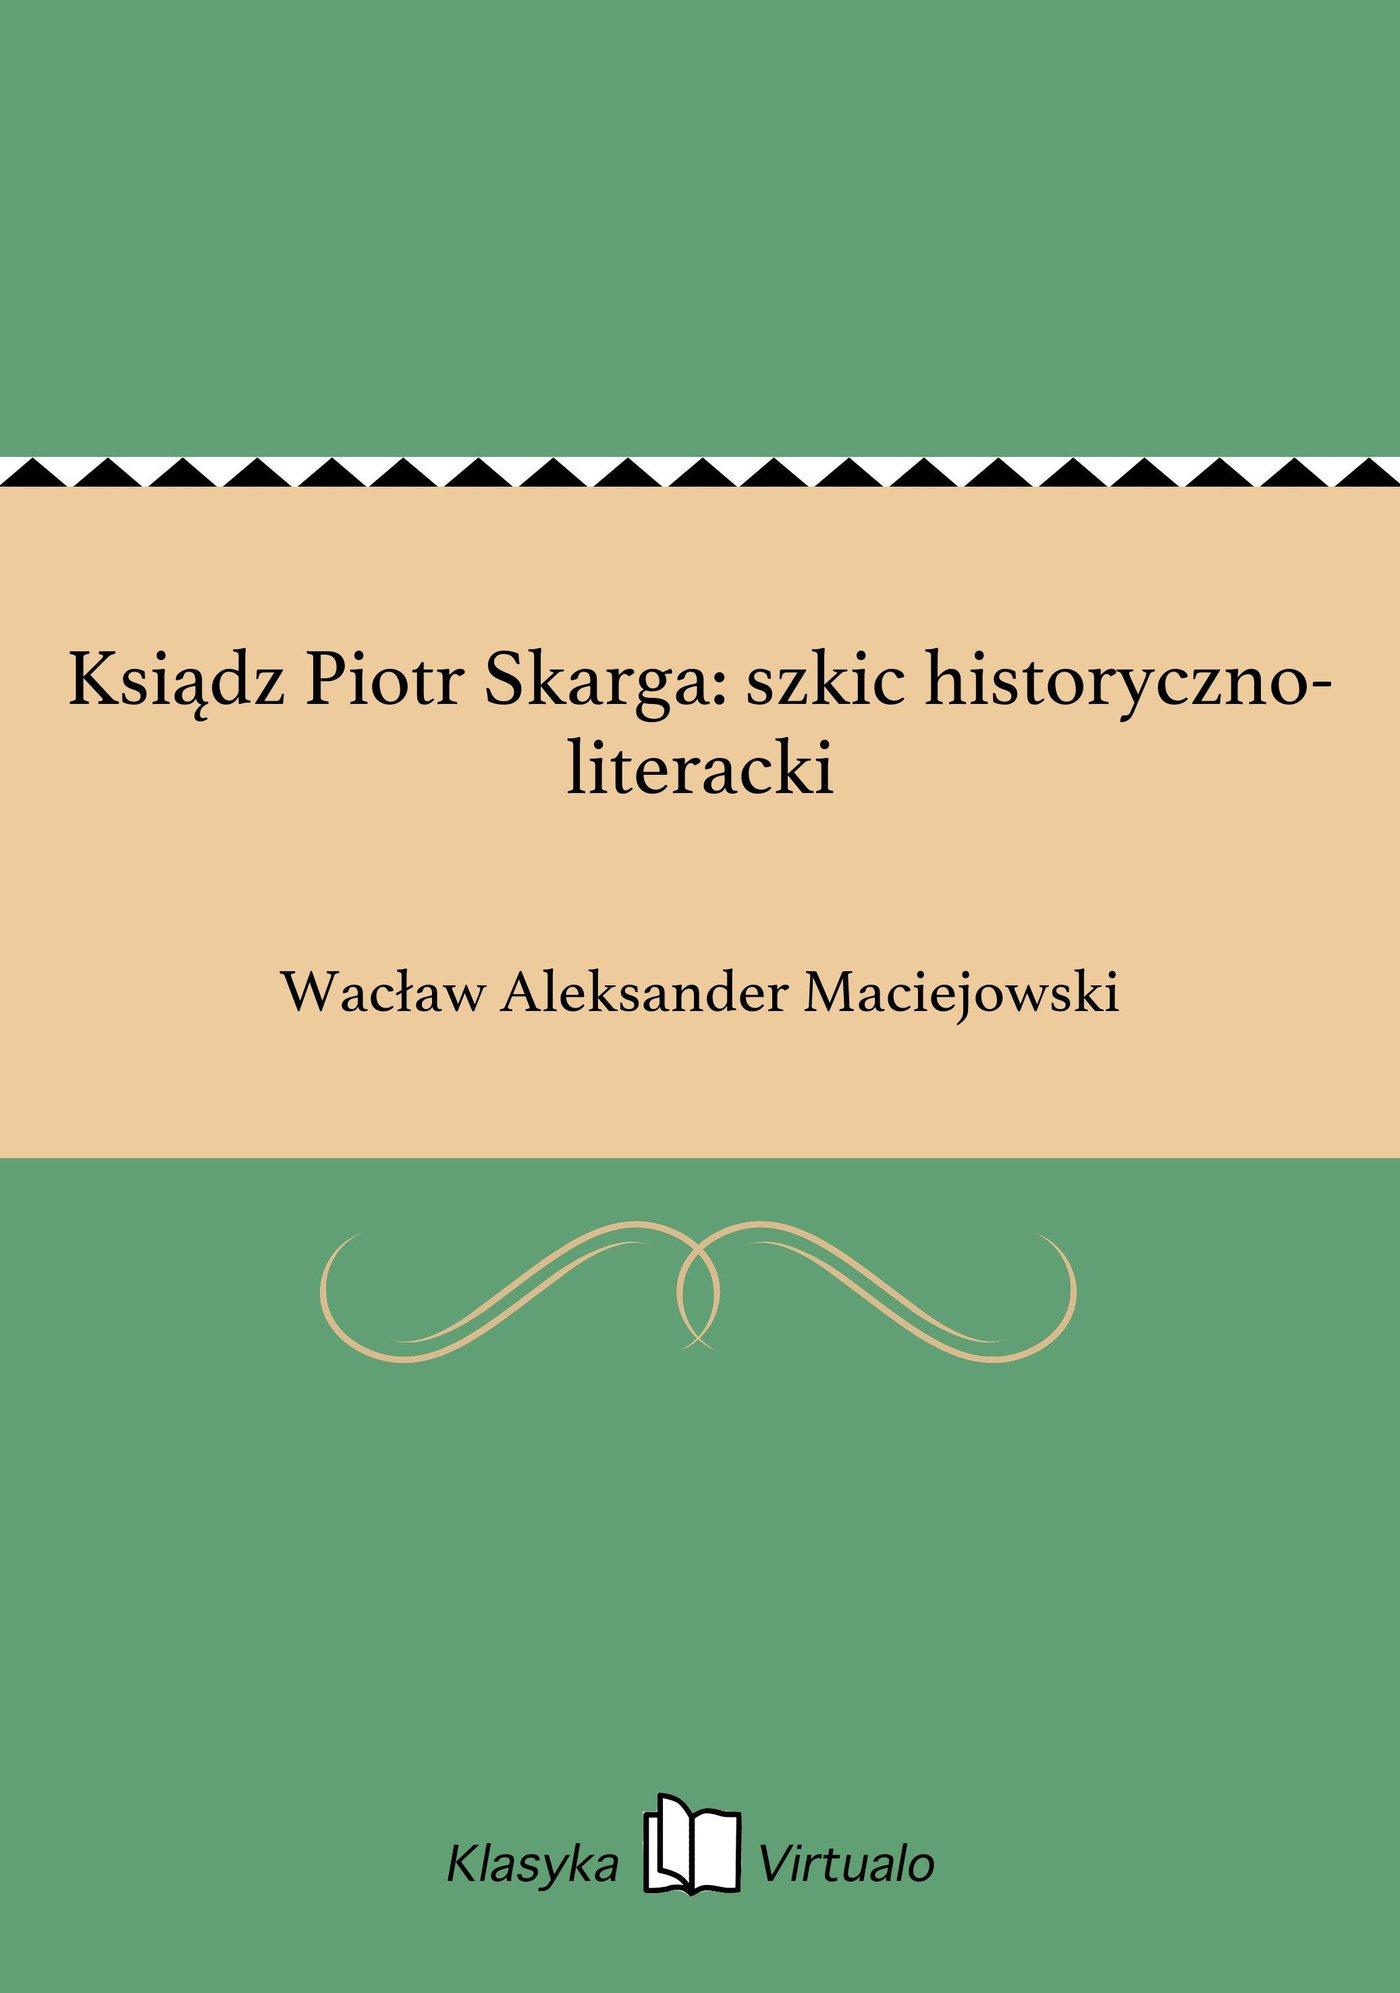 Ksiądz Piotr Skarga: szkic historyczno-literacki - Ebook (Książka EPUB) do pobrania w formacie EPUB